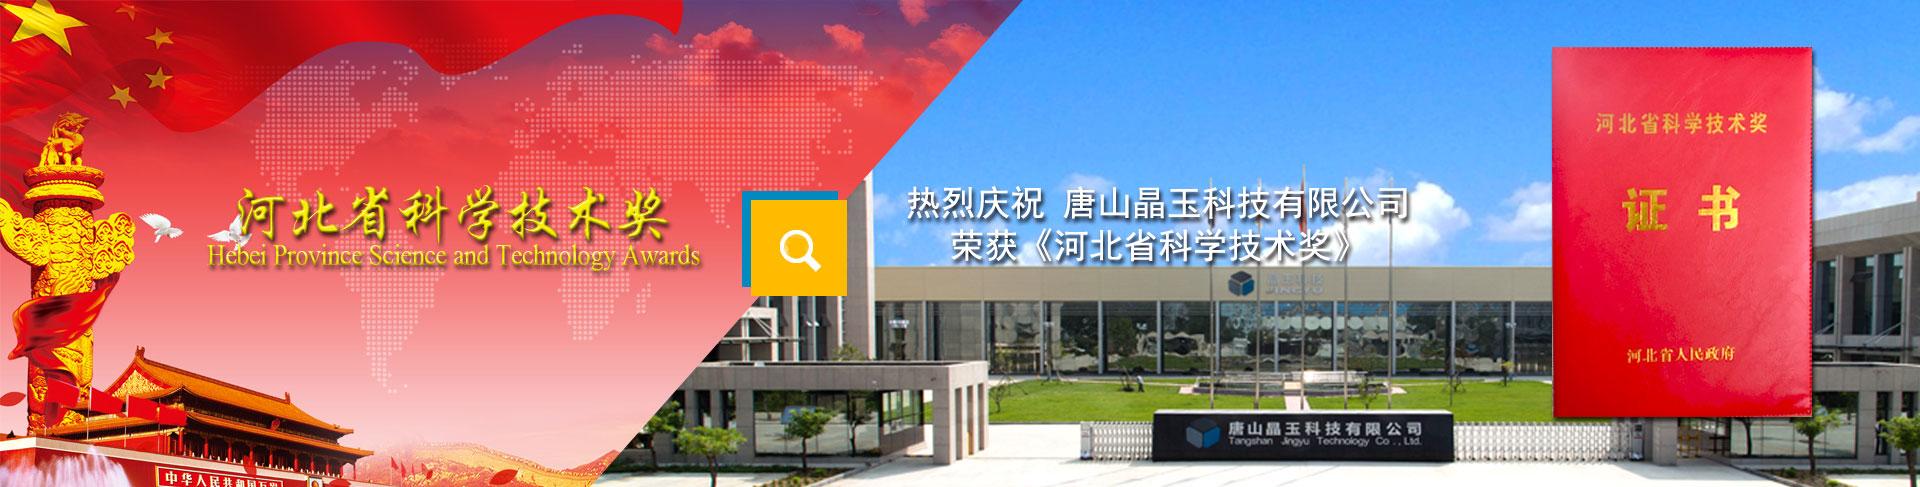 热烈庆祝晶玉科技荣获河北省科学技术奖